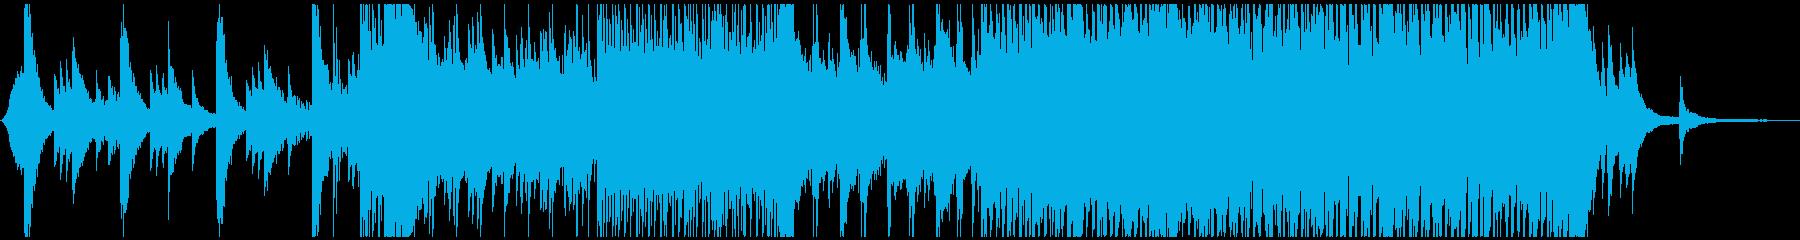 ピアノがメインの曲です。の再生済みの波形